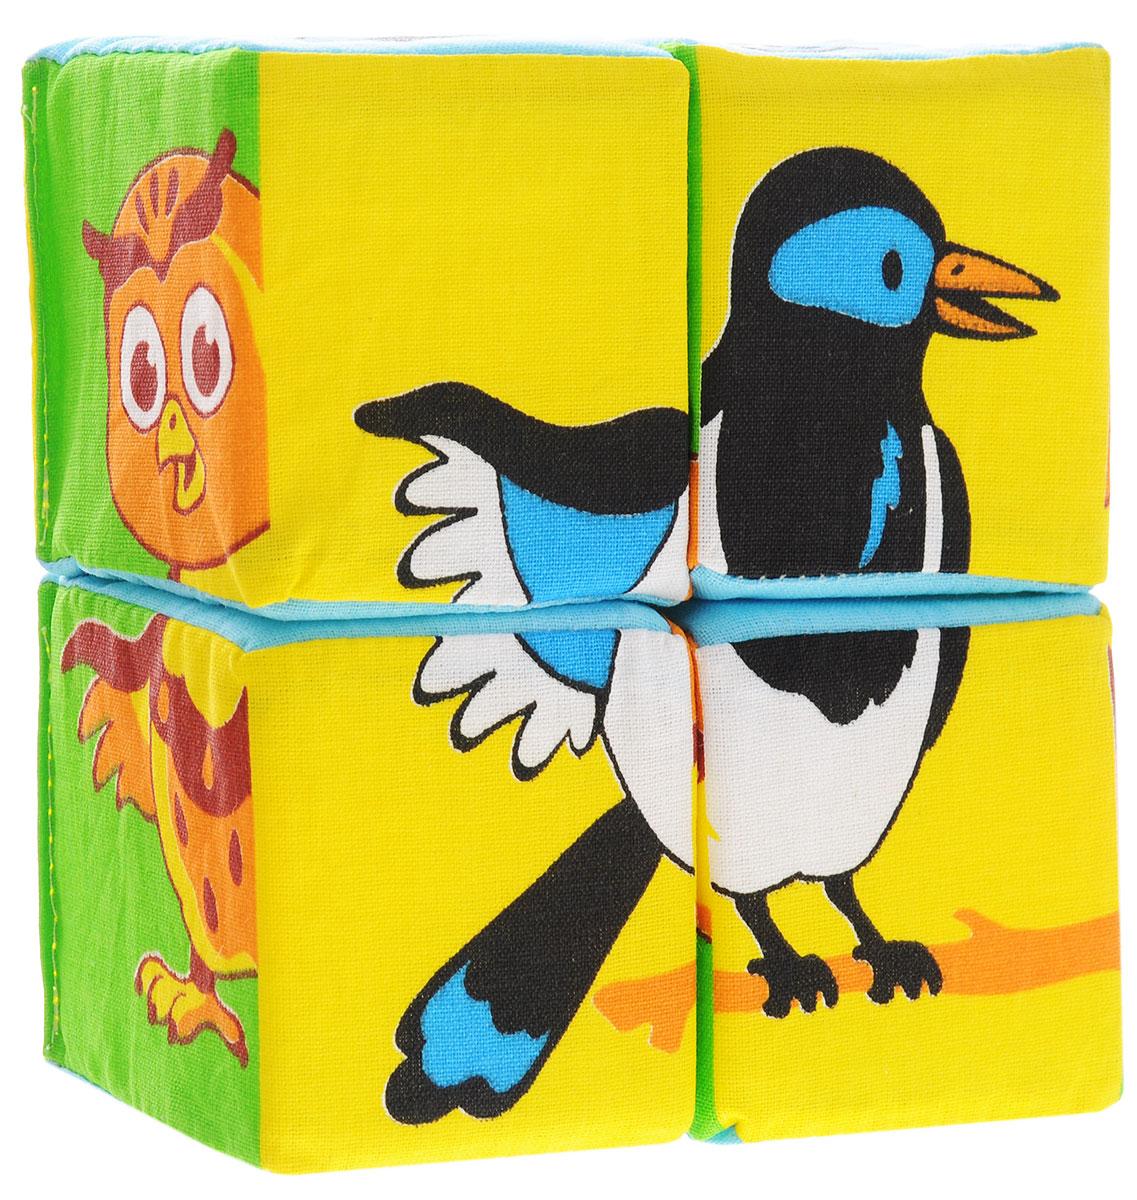 Мякиши Развивающая игрушка Собери картинку Птицы239Развивающая игрушка Мякиши Собери картинку. Птицы обязательно привлечет внимание вашего малыша. Игрушка выполнена в виде четырех кубиков. Правильно складывая кубики, ребенок получит изображения в виде различных птиц. Данная игрушка способствуют развитию сенсорных способностей, развитию речевых навыков, развитию целостности зрительного восприятия и мелкой моторики детских ручек.